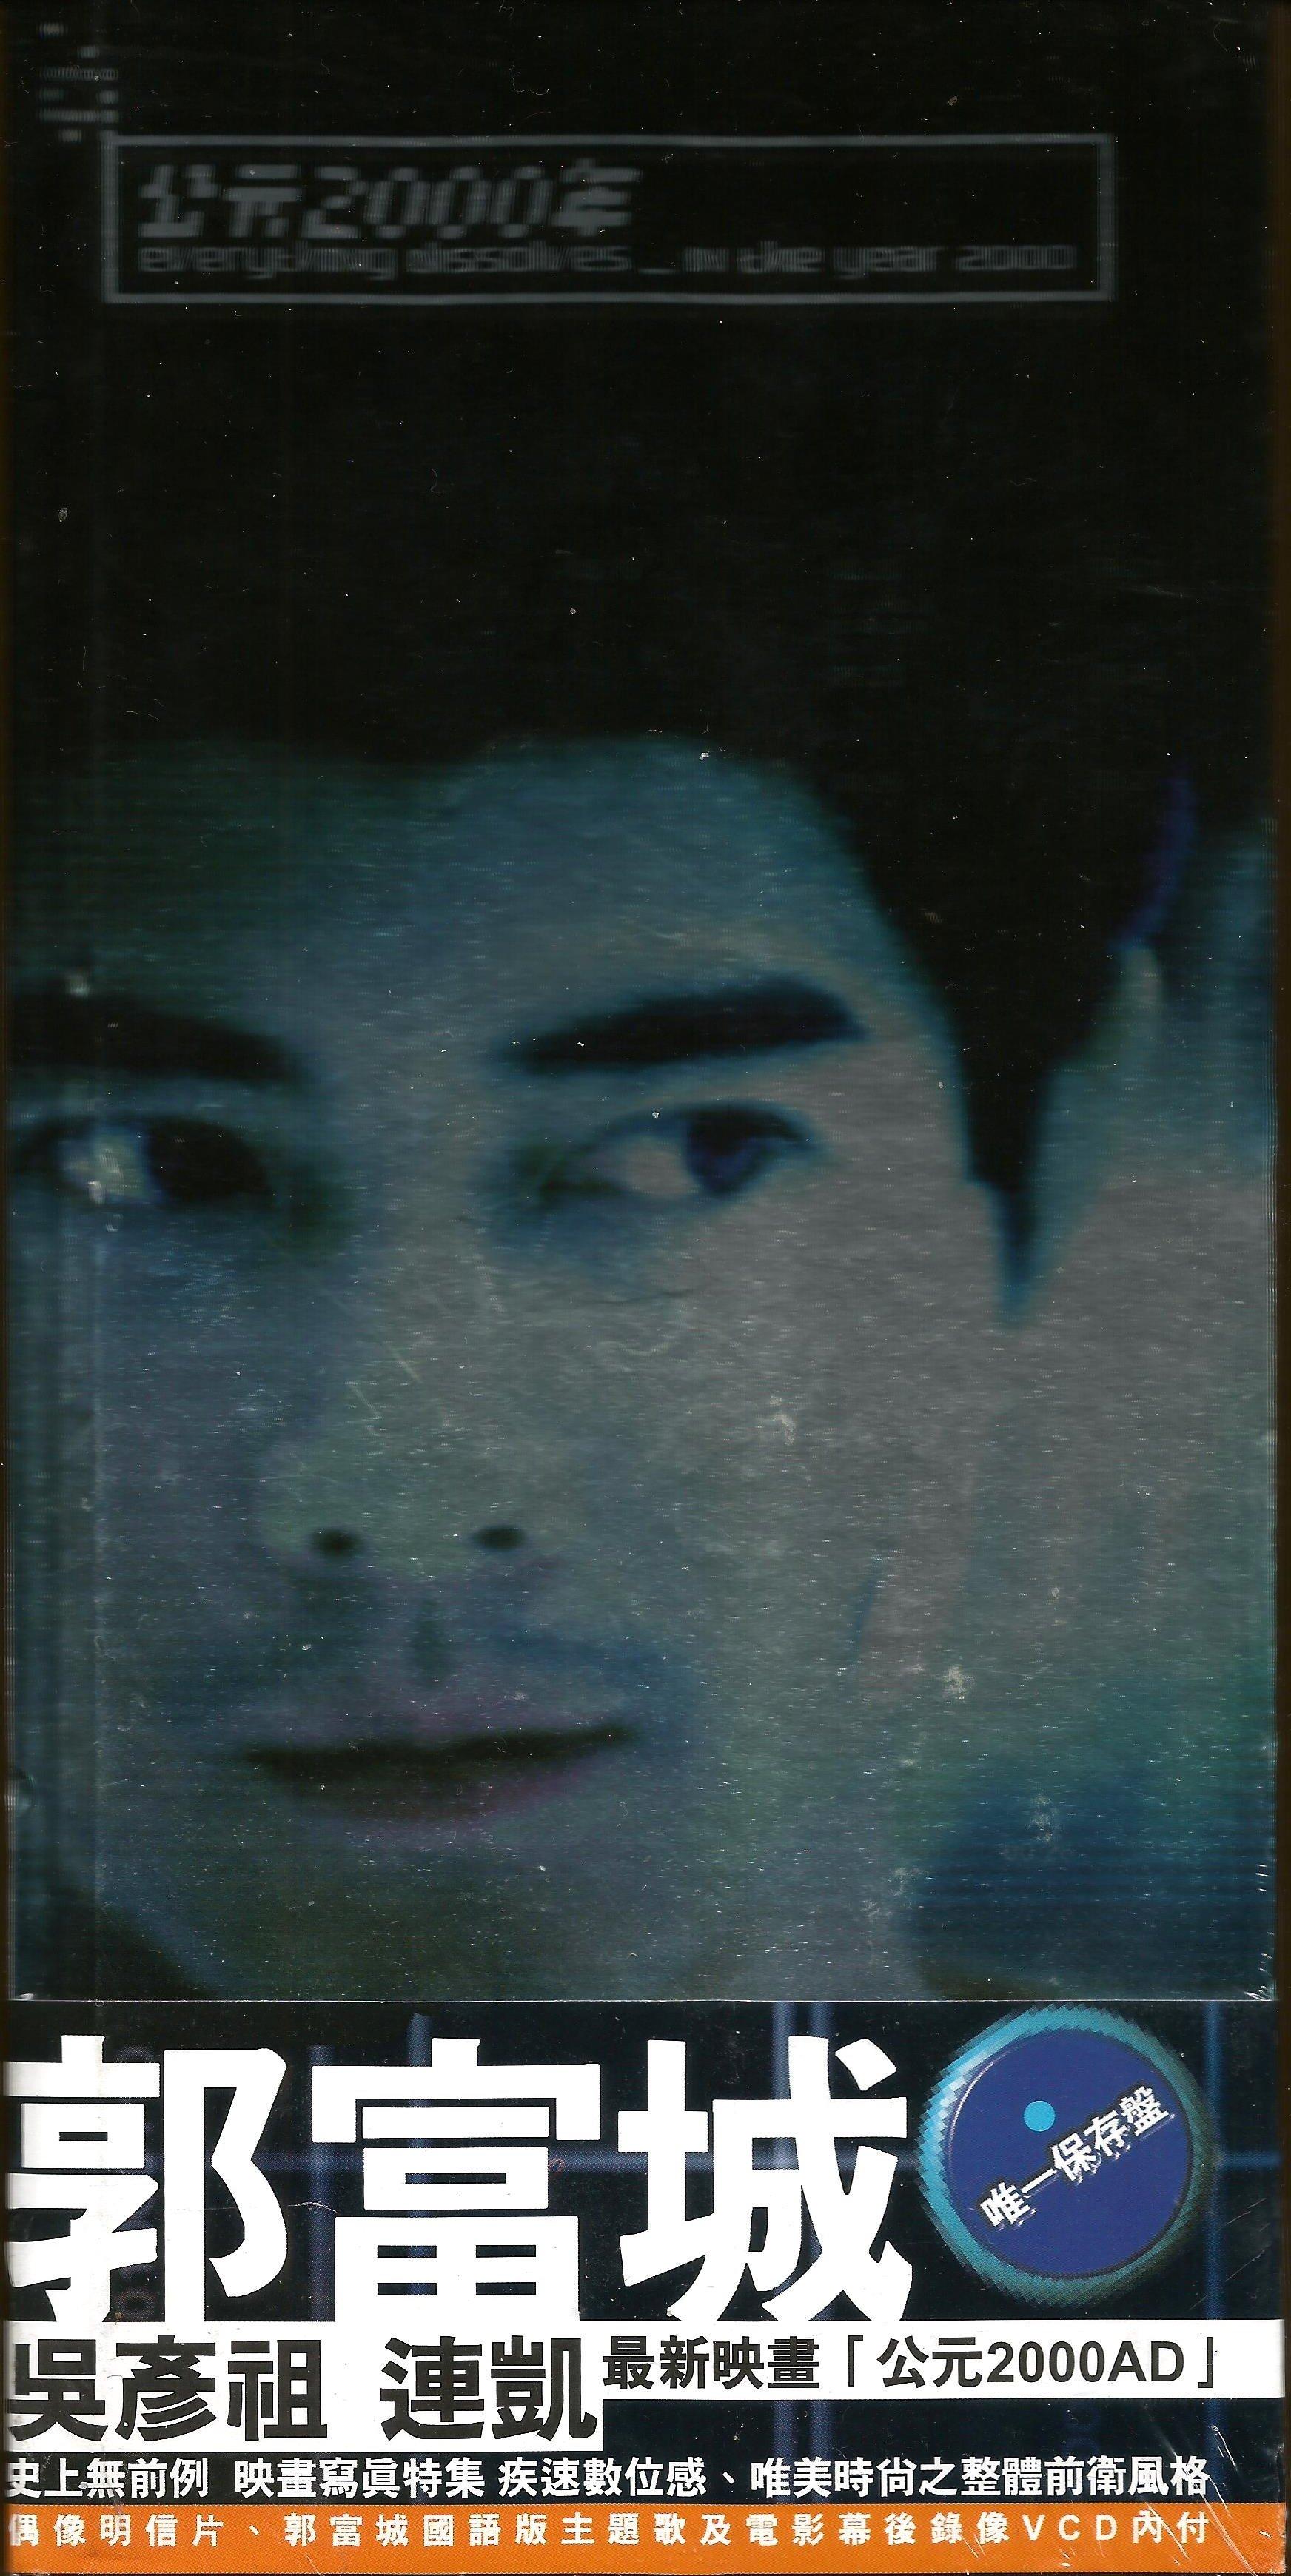 ( 未拆封 ) 郭富城 吳彥祖 連凱 : 公元2000 映畫寫真特集 VCD